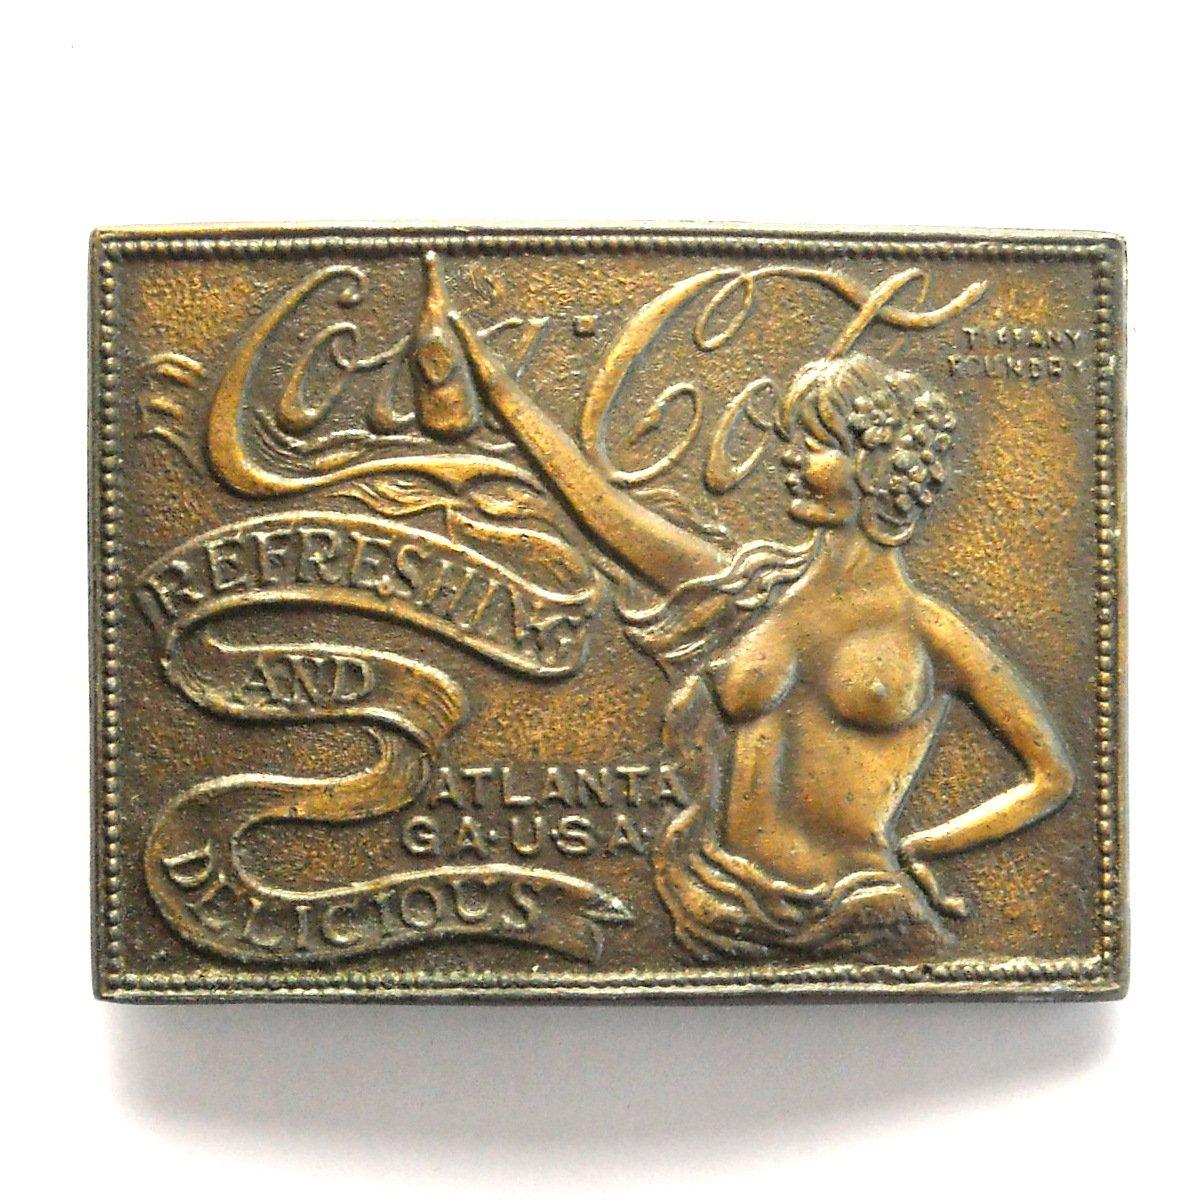 Vintage Coca Cola Tiffany Foundry metal belt buckle